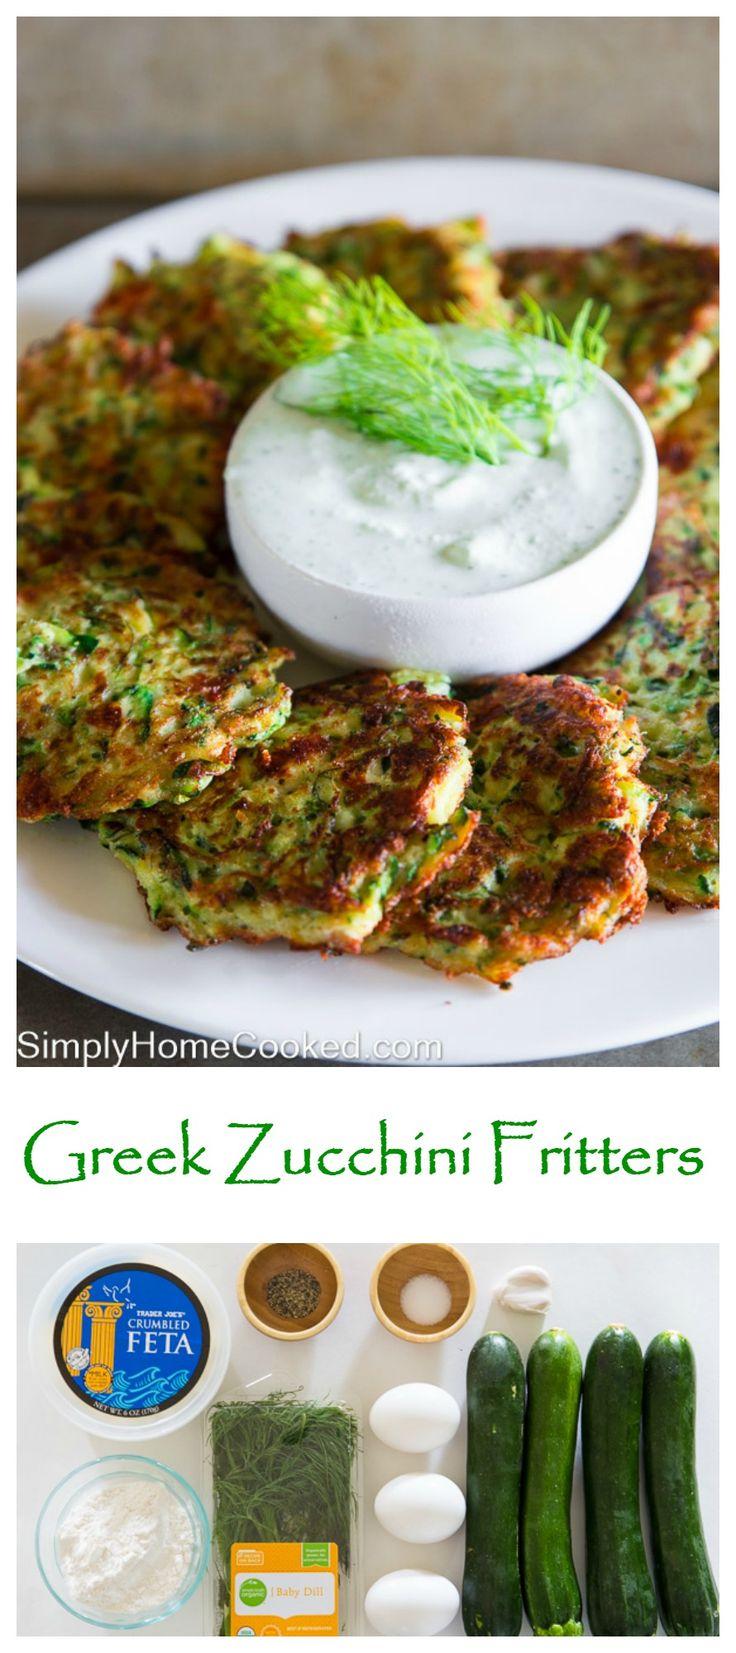 Best 20+ Greek appetizers ideas on Pinterest